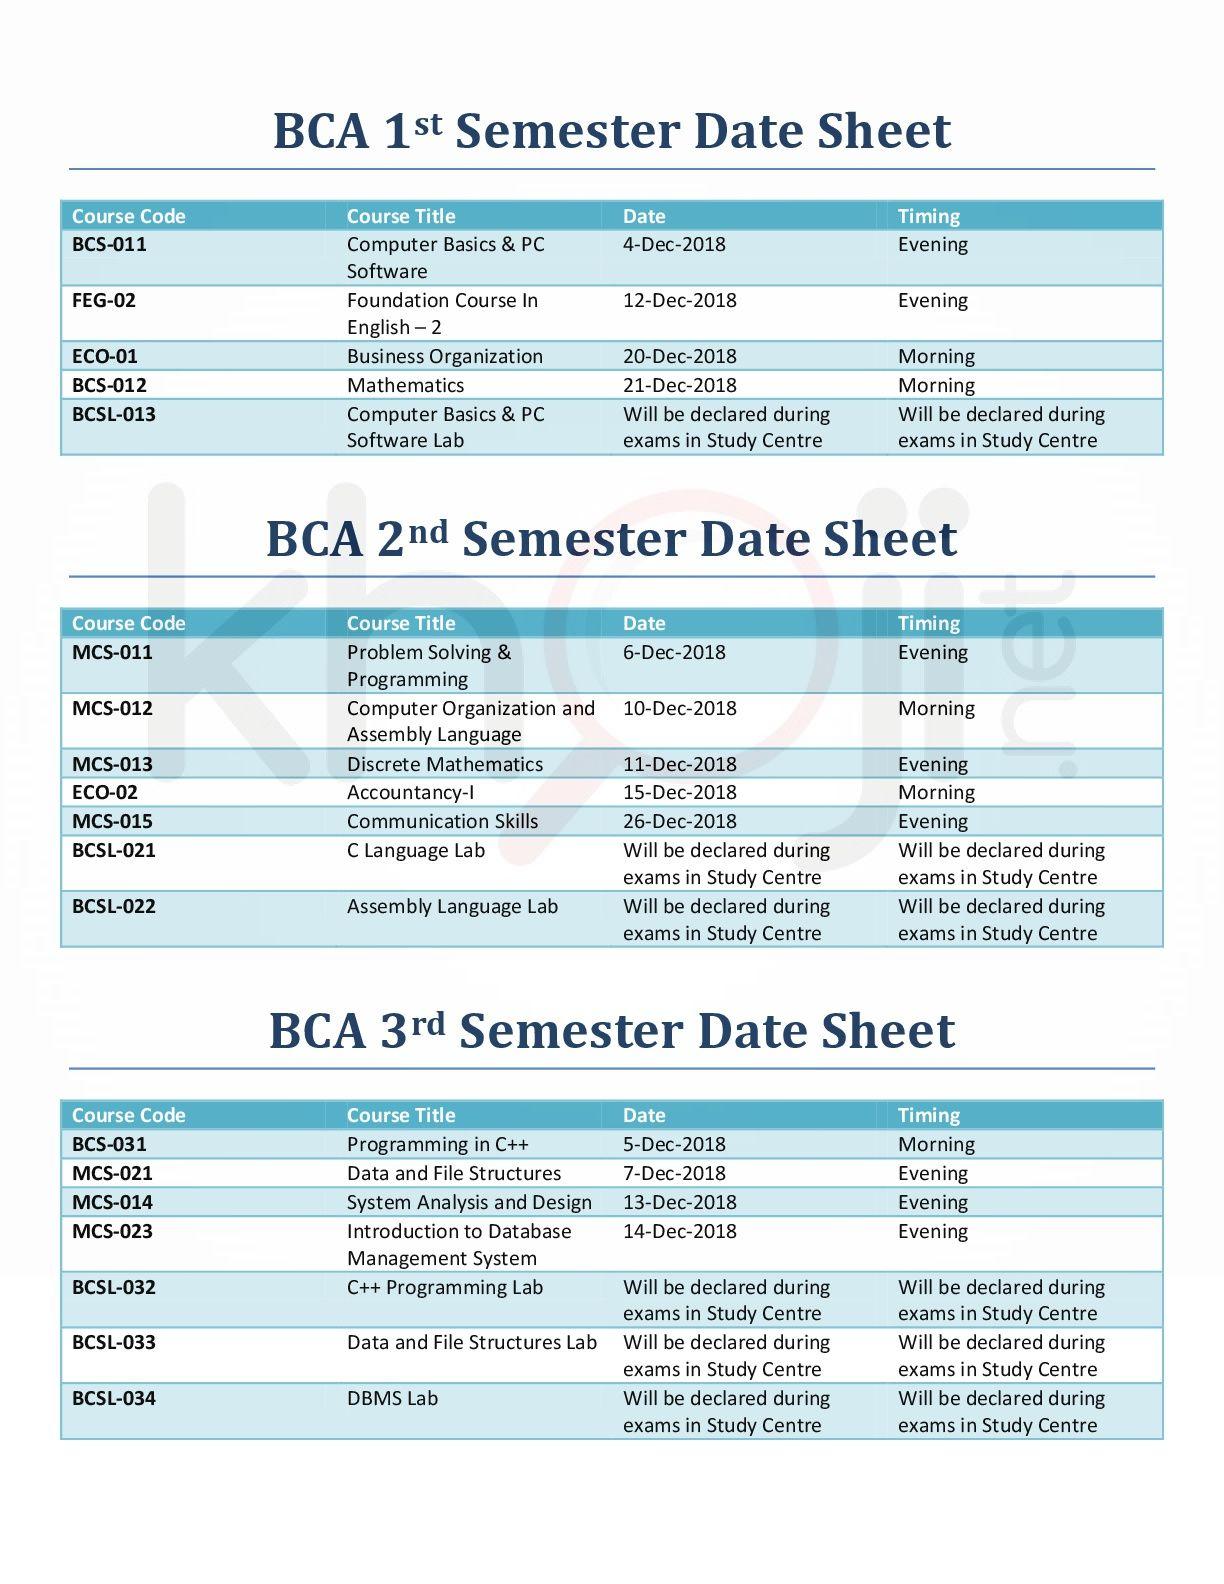 IGNOU BCA Date Sheet For December 2018 Term End Exams